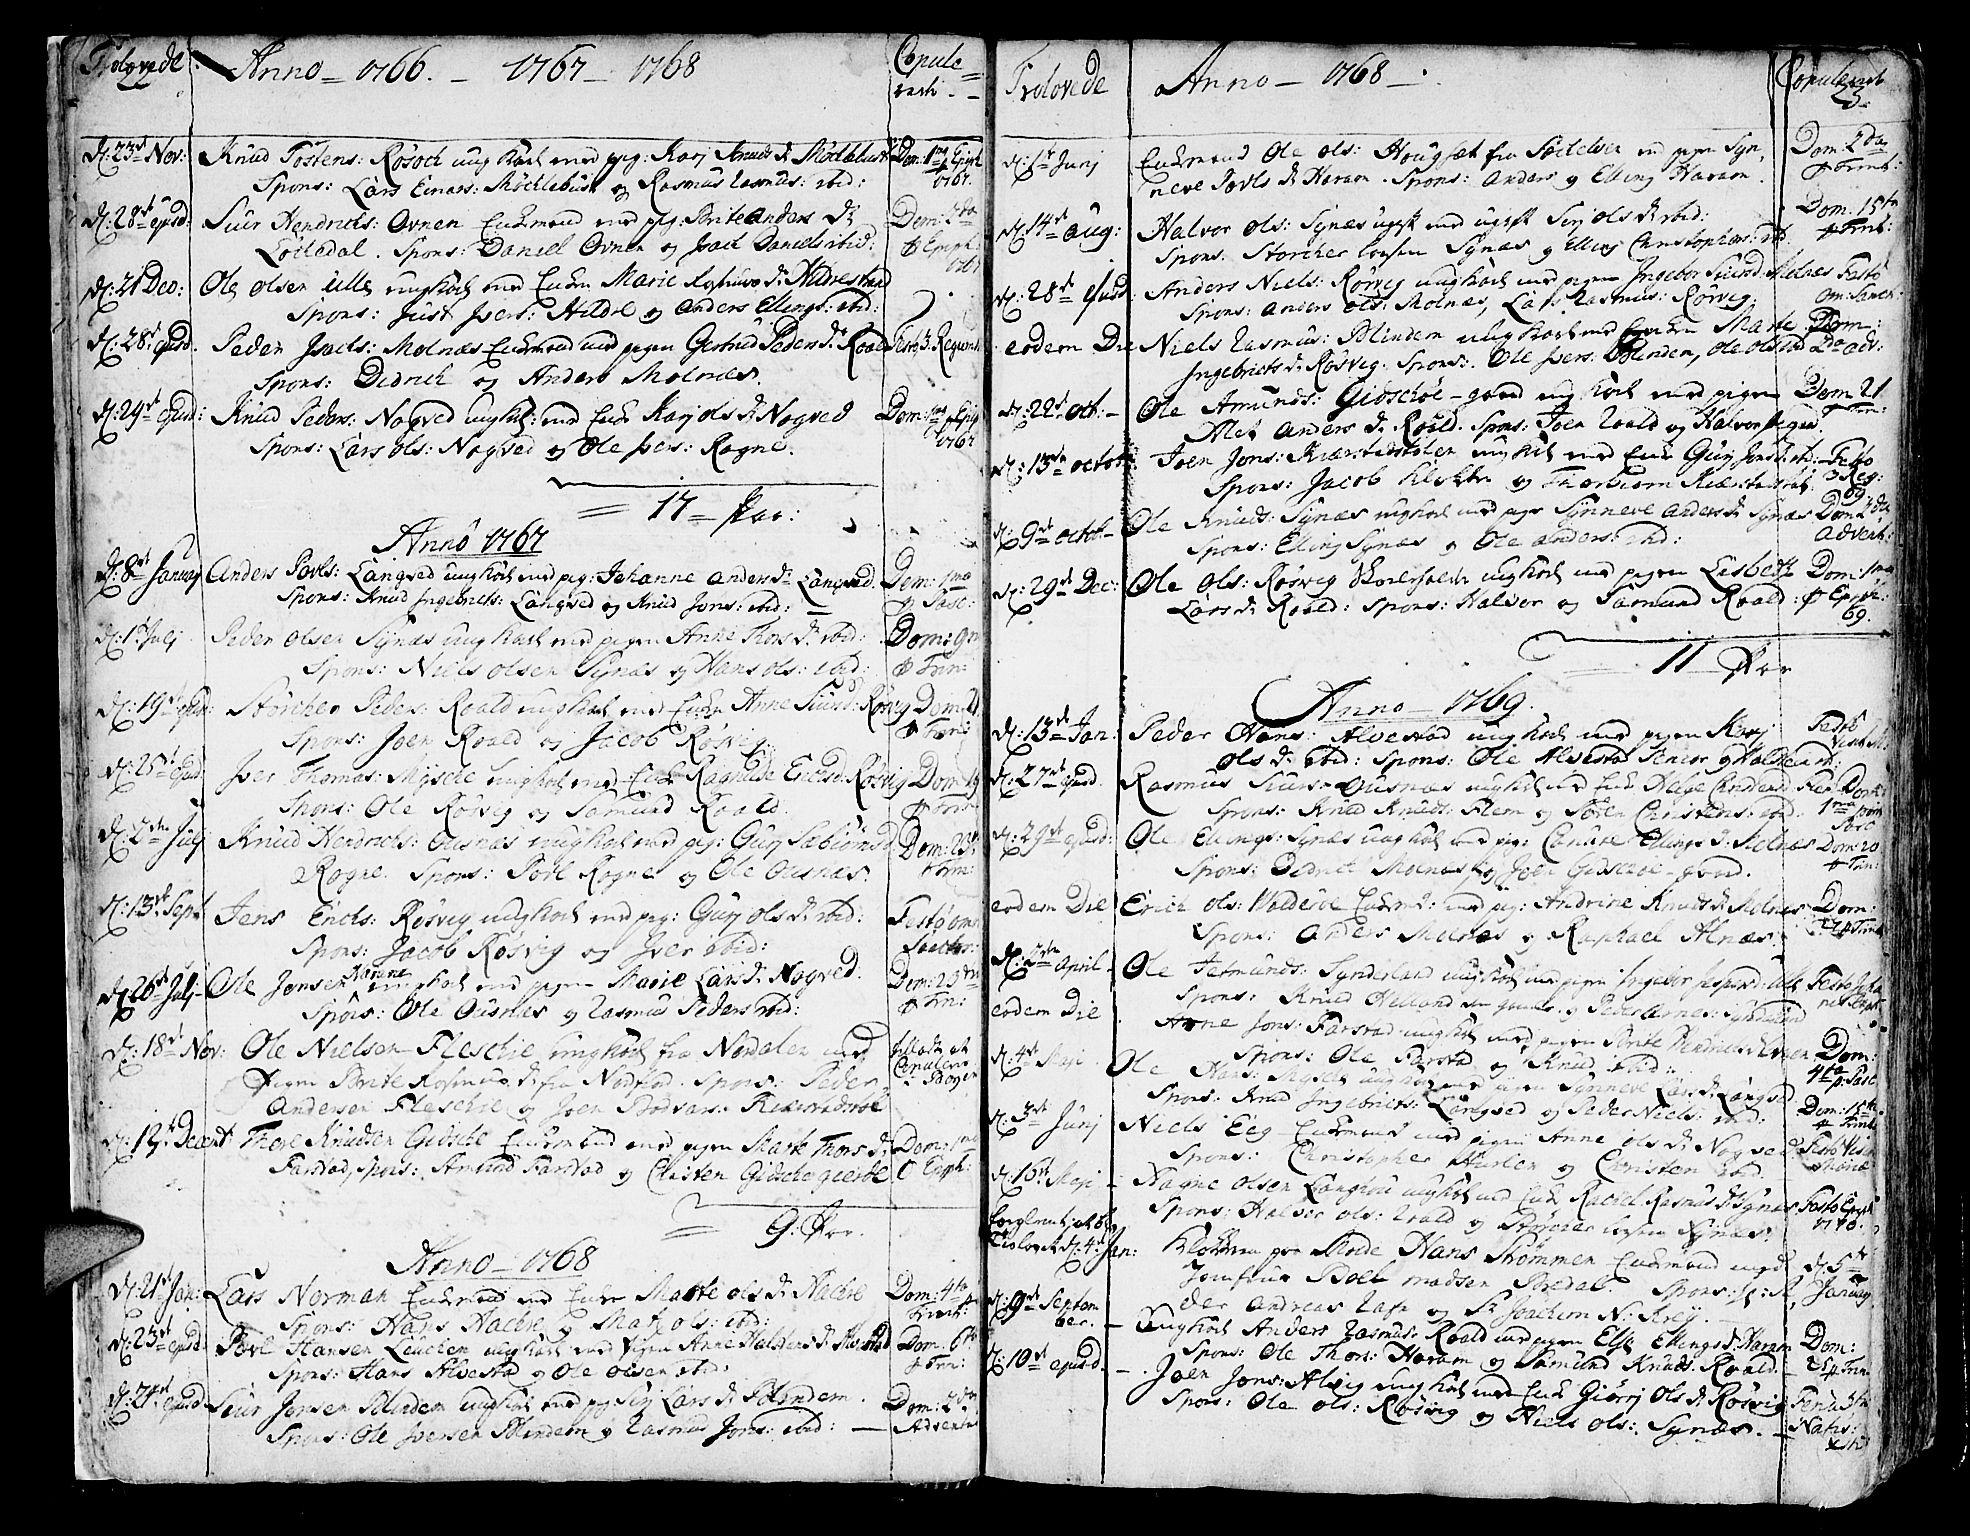 SAT, Ministerialprotokoller, klokkerbøker og fødselsregistre - Møre og Romsdal, 536/L0493: Parish register (official) no. 536A02, 1739-1802, p. 22-23